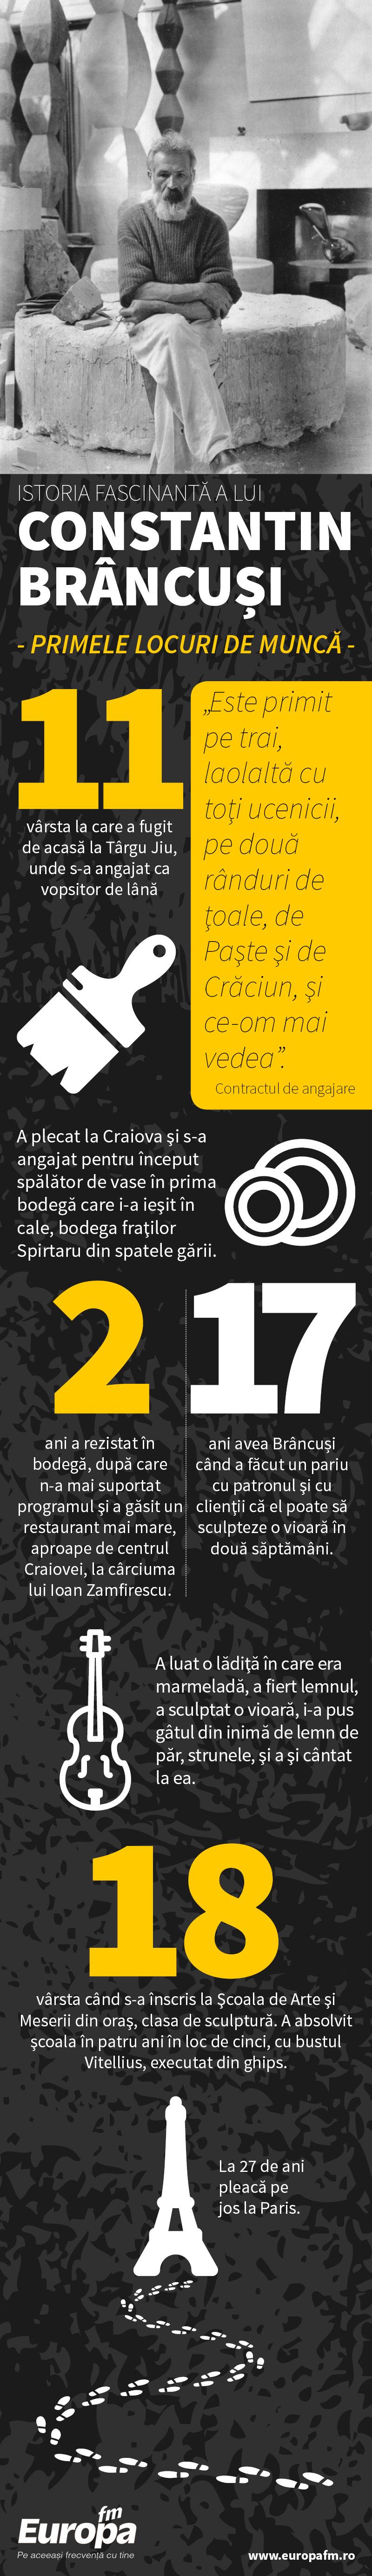 Infografie Brancusi